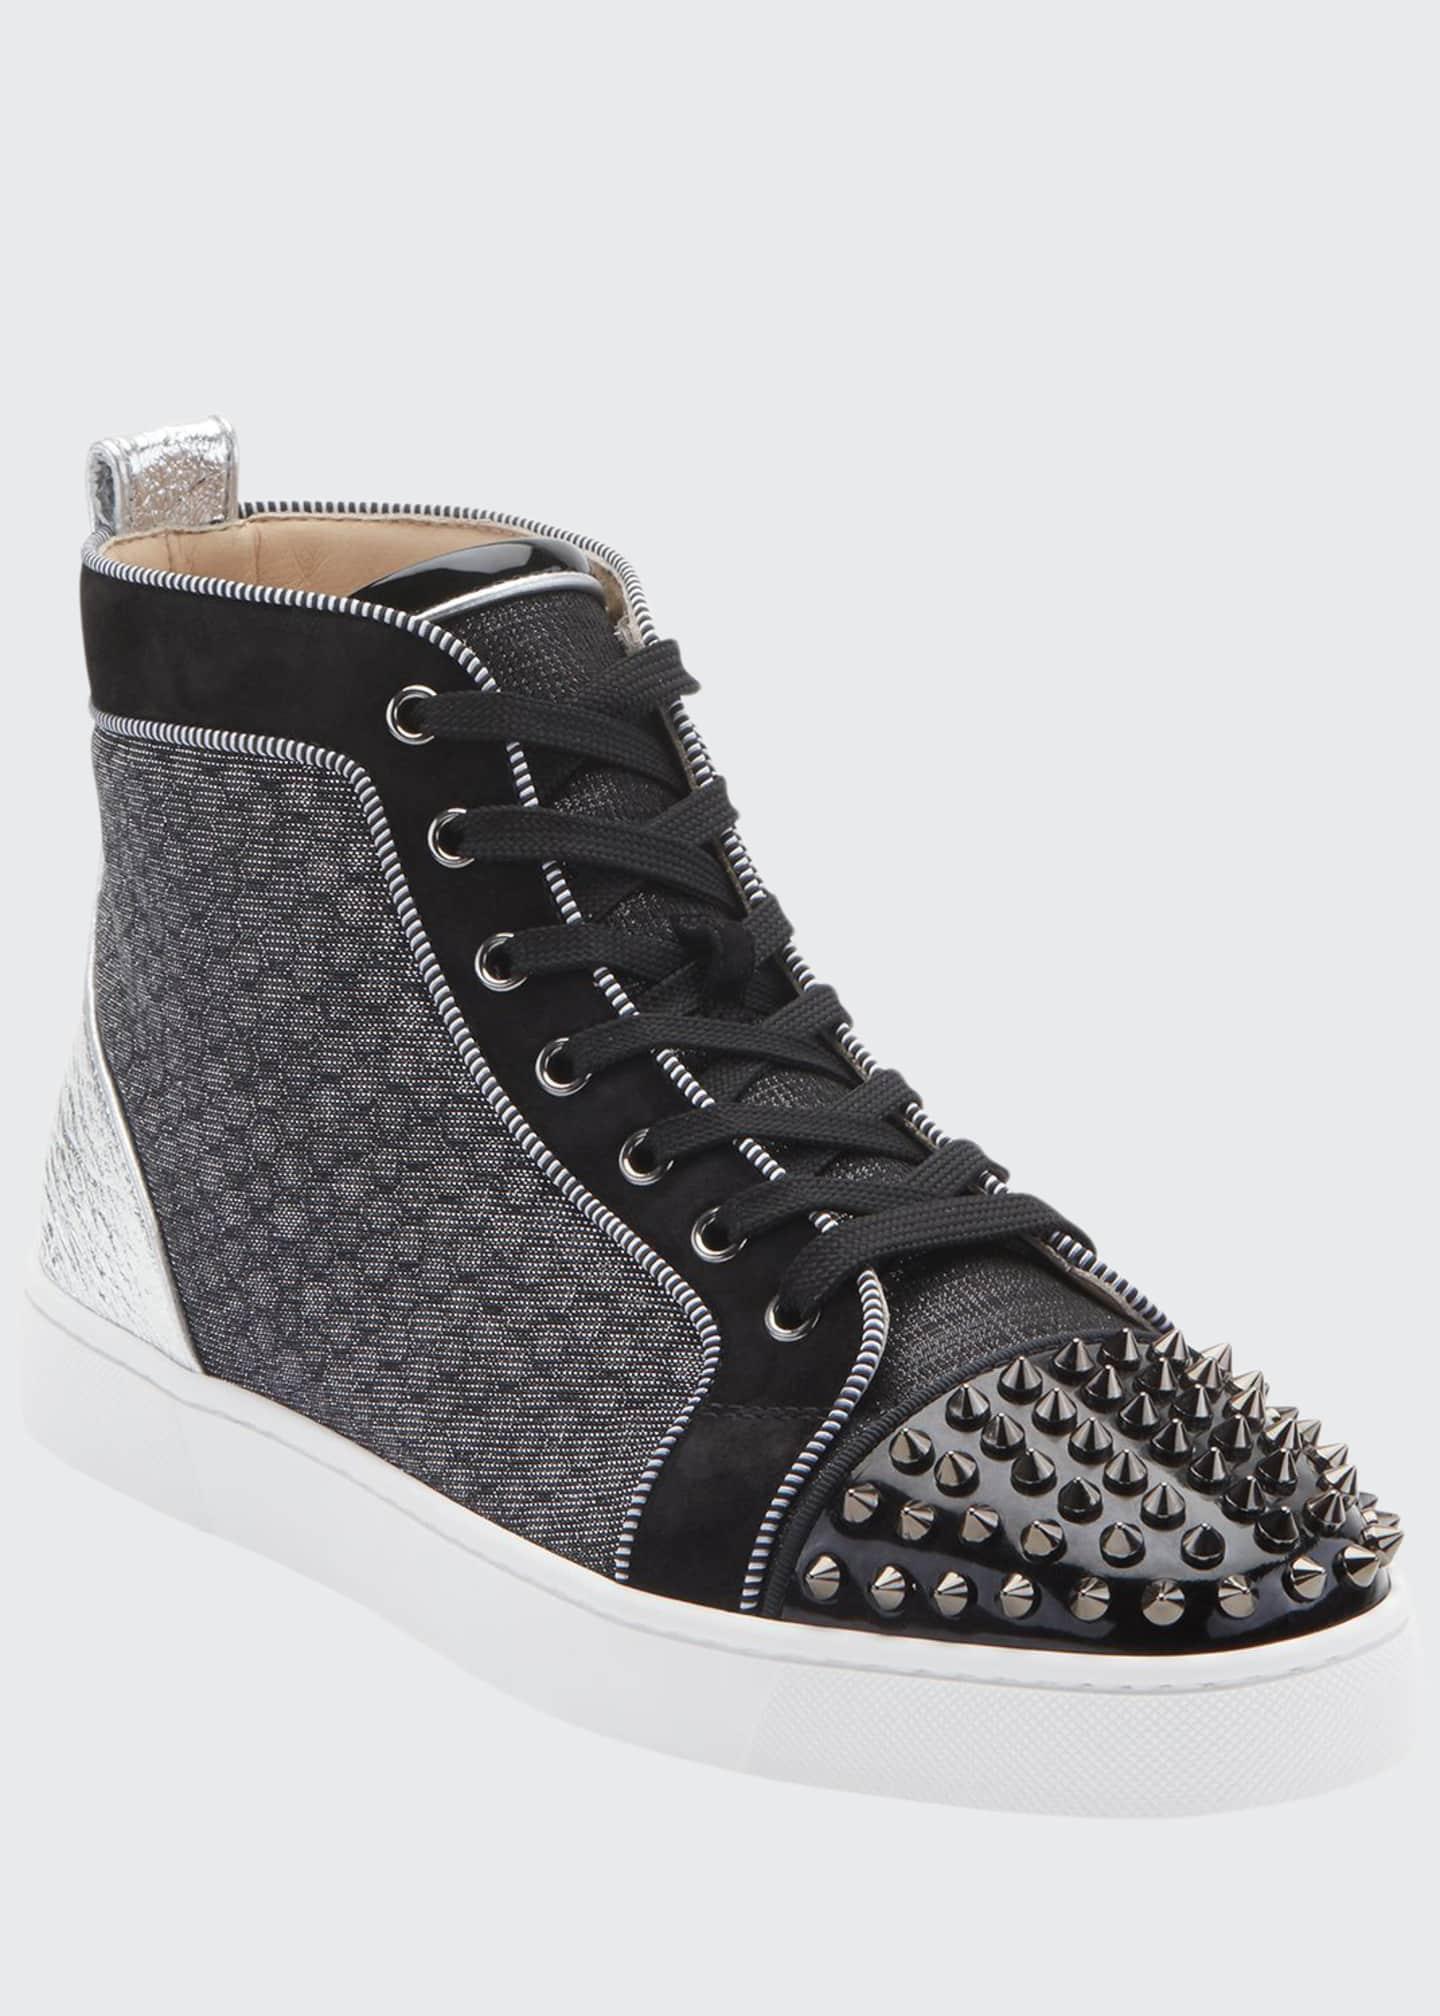 Christian Louboutin Men's Lou Spikes Orlato Mixed-Media Sneakers